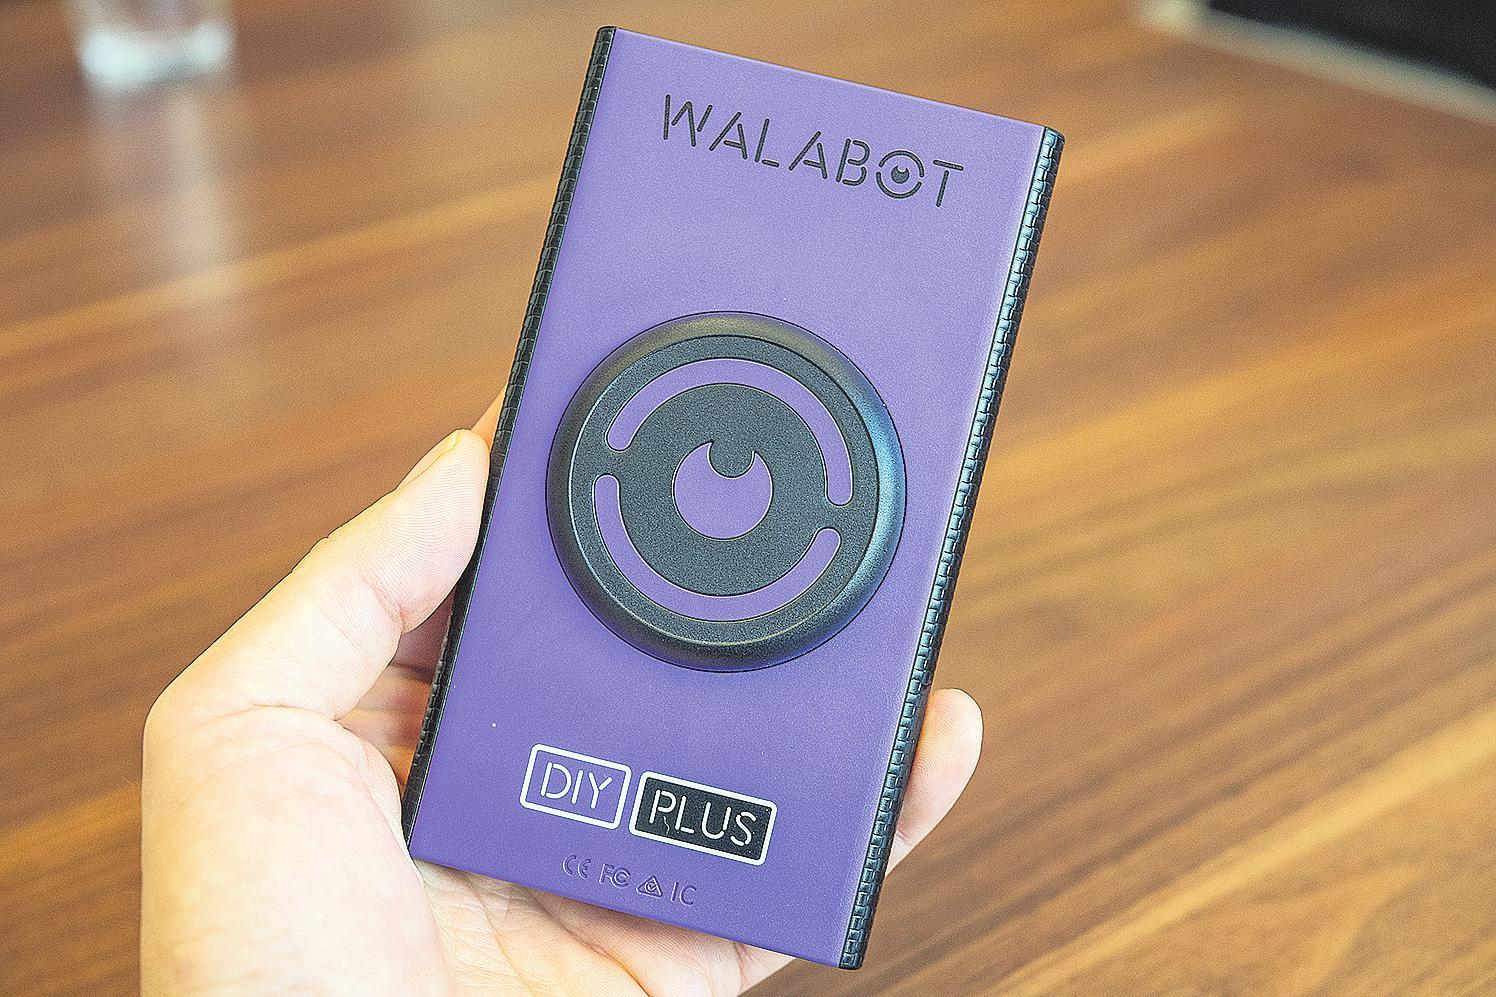 Der Walabot von Vayyar ist ein Radarsensor zum Anstecken an Smartphones, der in Wände schauen kann.